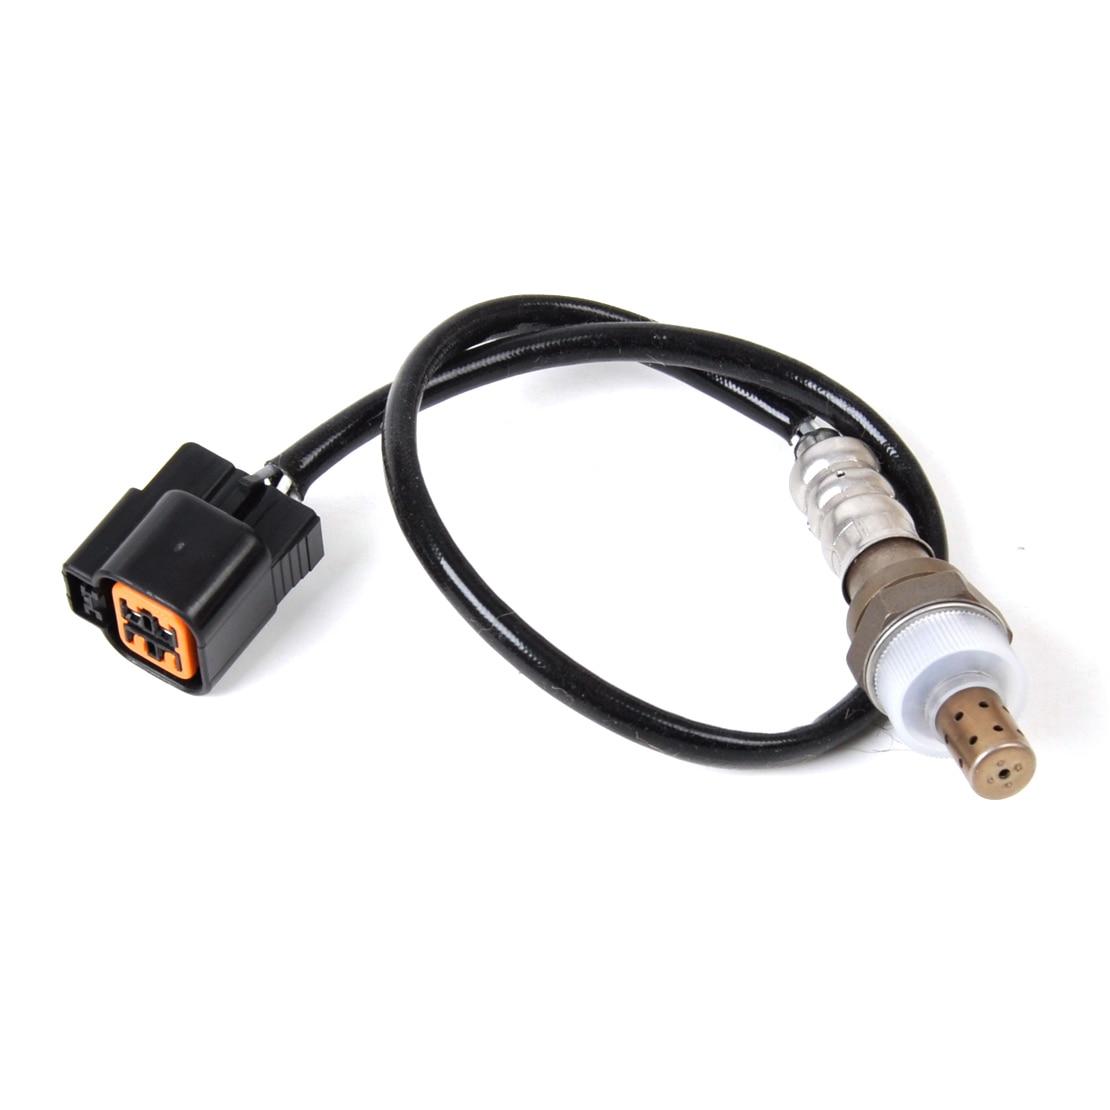 CITALL O2 Oxygen Sensor for Hyundai Accent Elantra Tiburon Tucson Kia Sportage Spectra Rio5 3921023710 3921023750